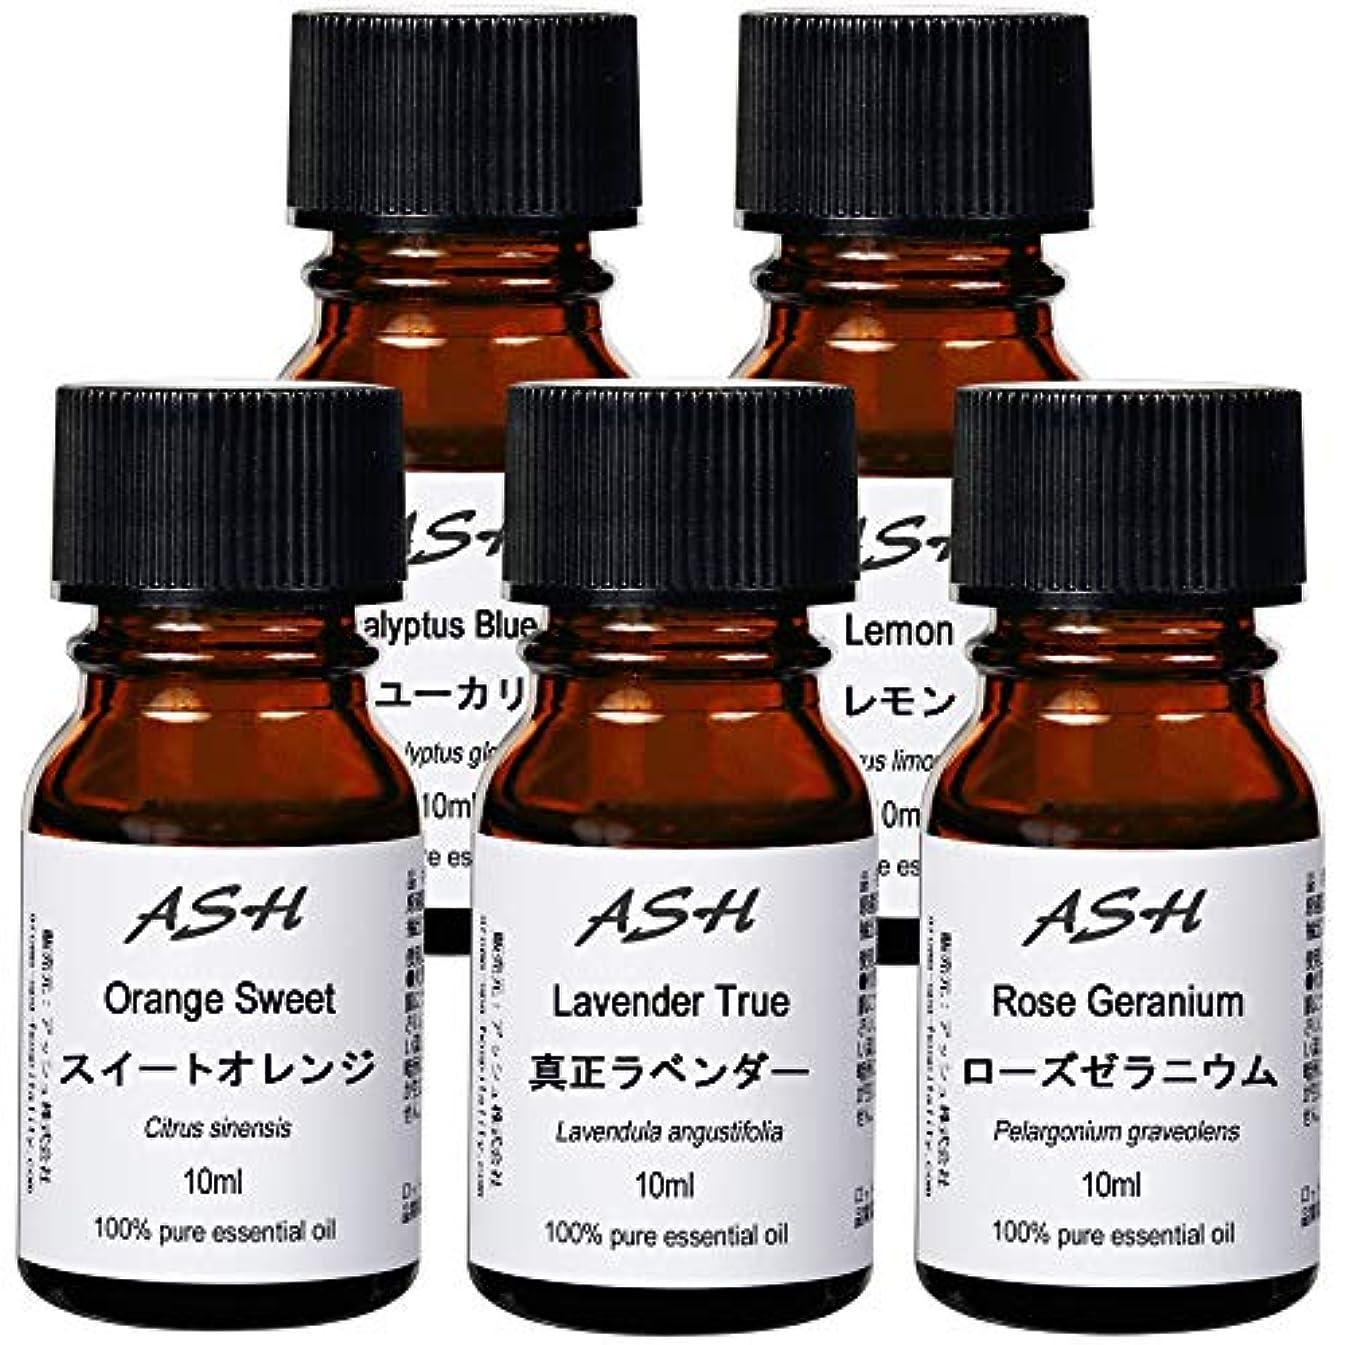 ほのめかす扇動するシビックASH エッセンシャルオイル A.お試し 10mlx5本セット (スイートオレンジ/ユーカリ/ラベンダー/レモン/ローズゼラニウム) AEAJ認定精油